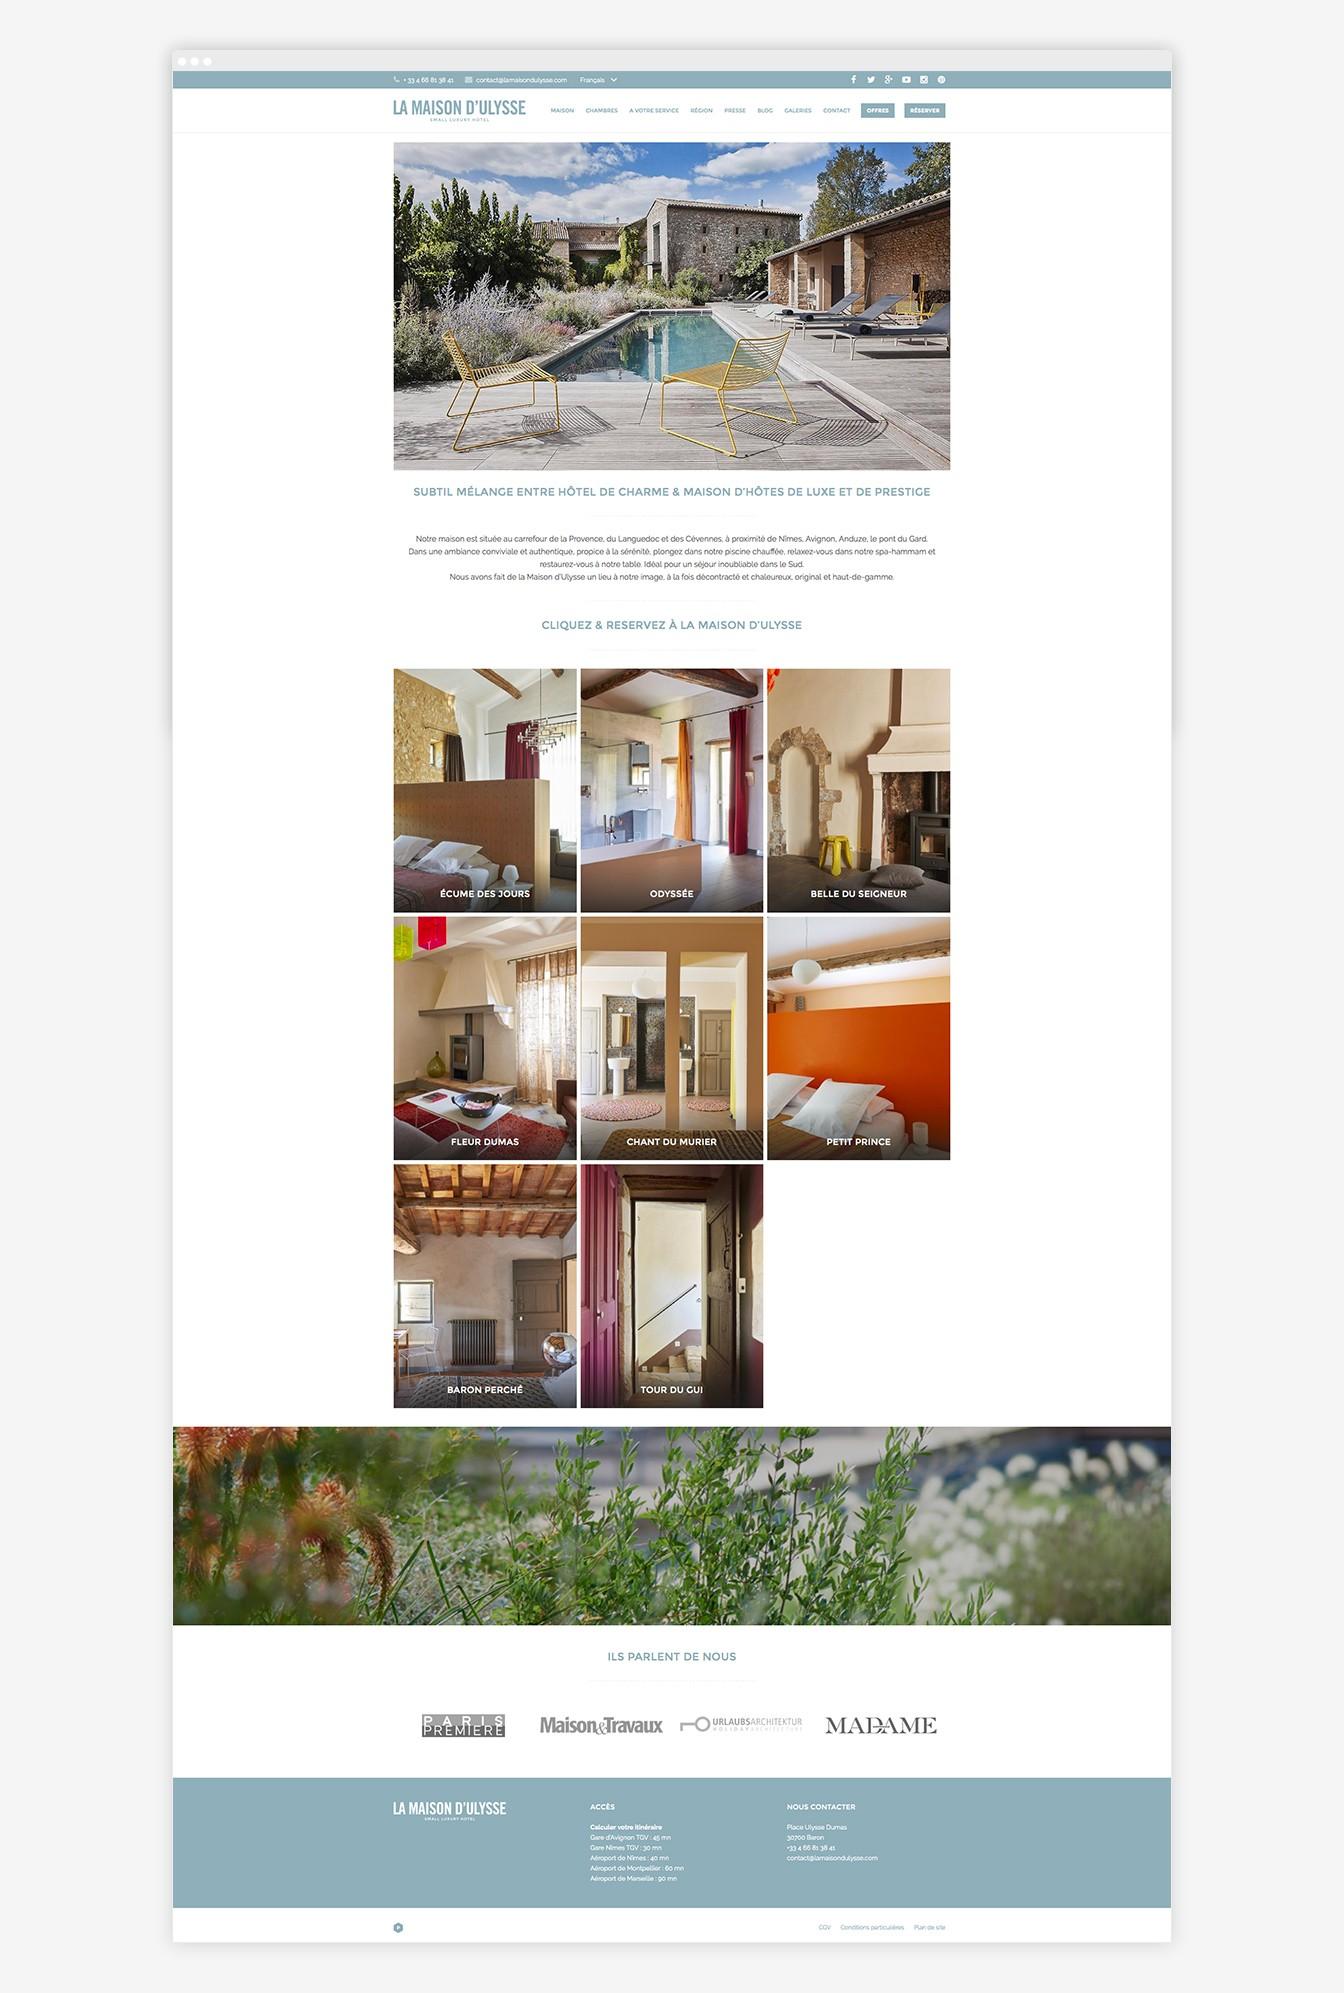 02-la-maison-d-ulysse-web-pikteo-webdesign-graphic-design-freelance-paris-bruxelles-lyon